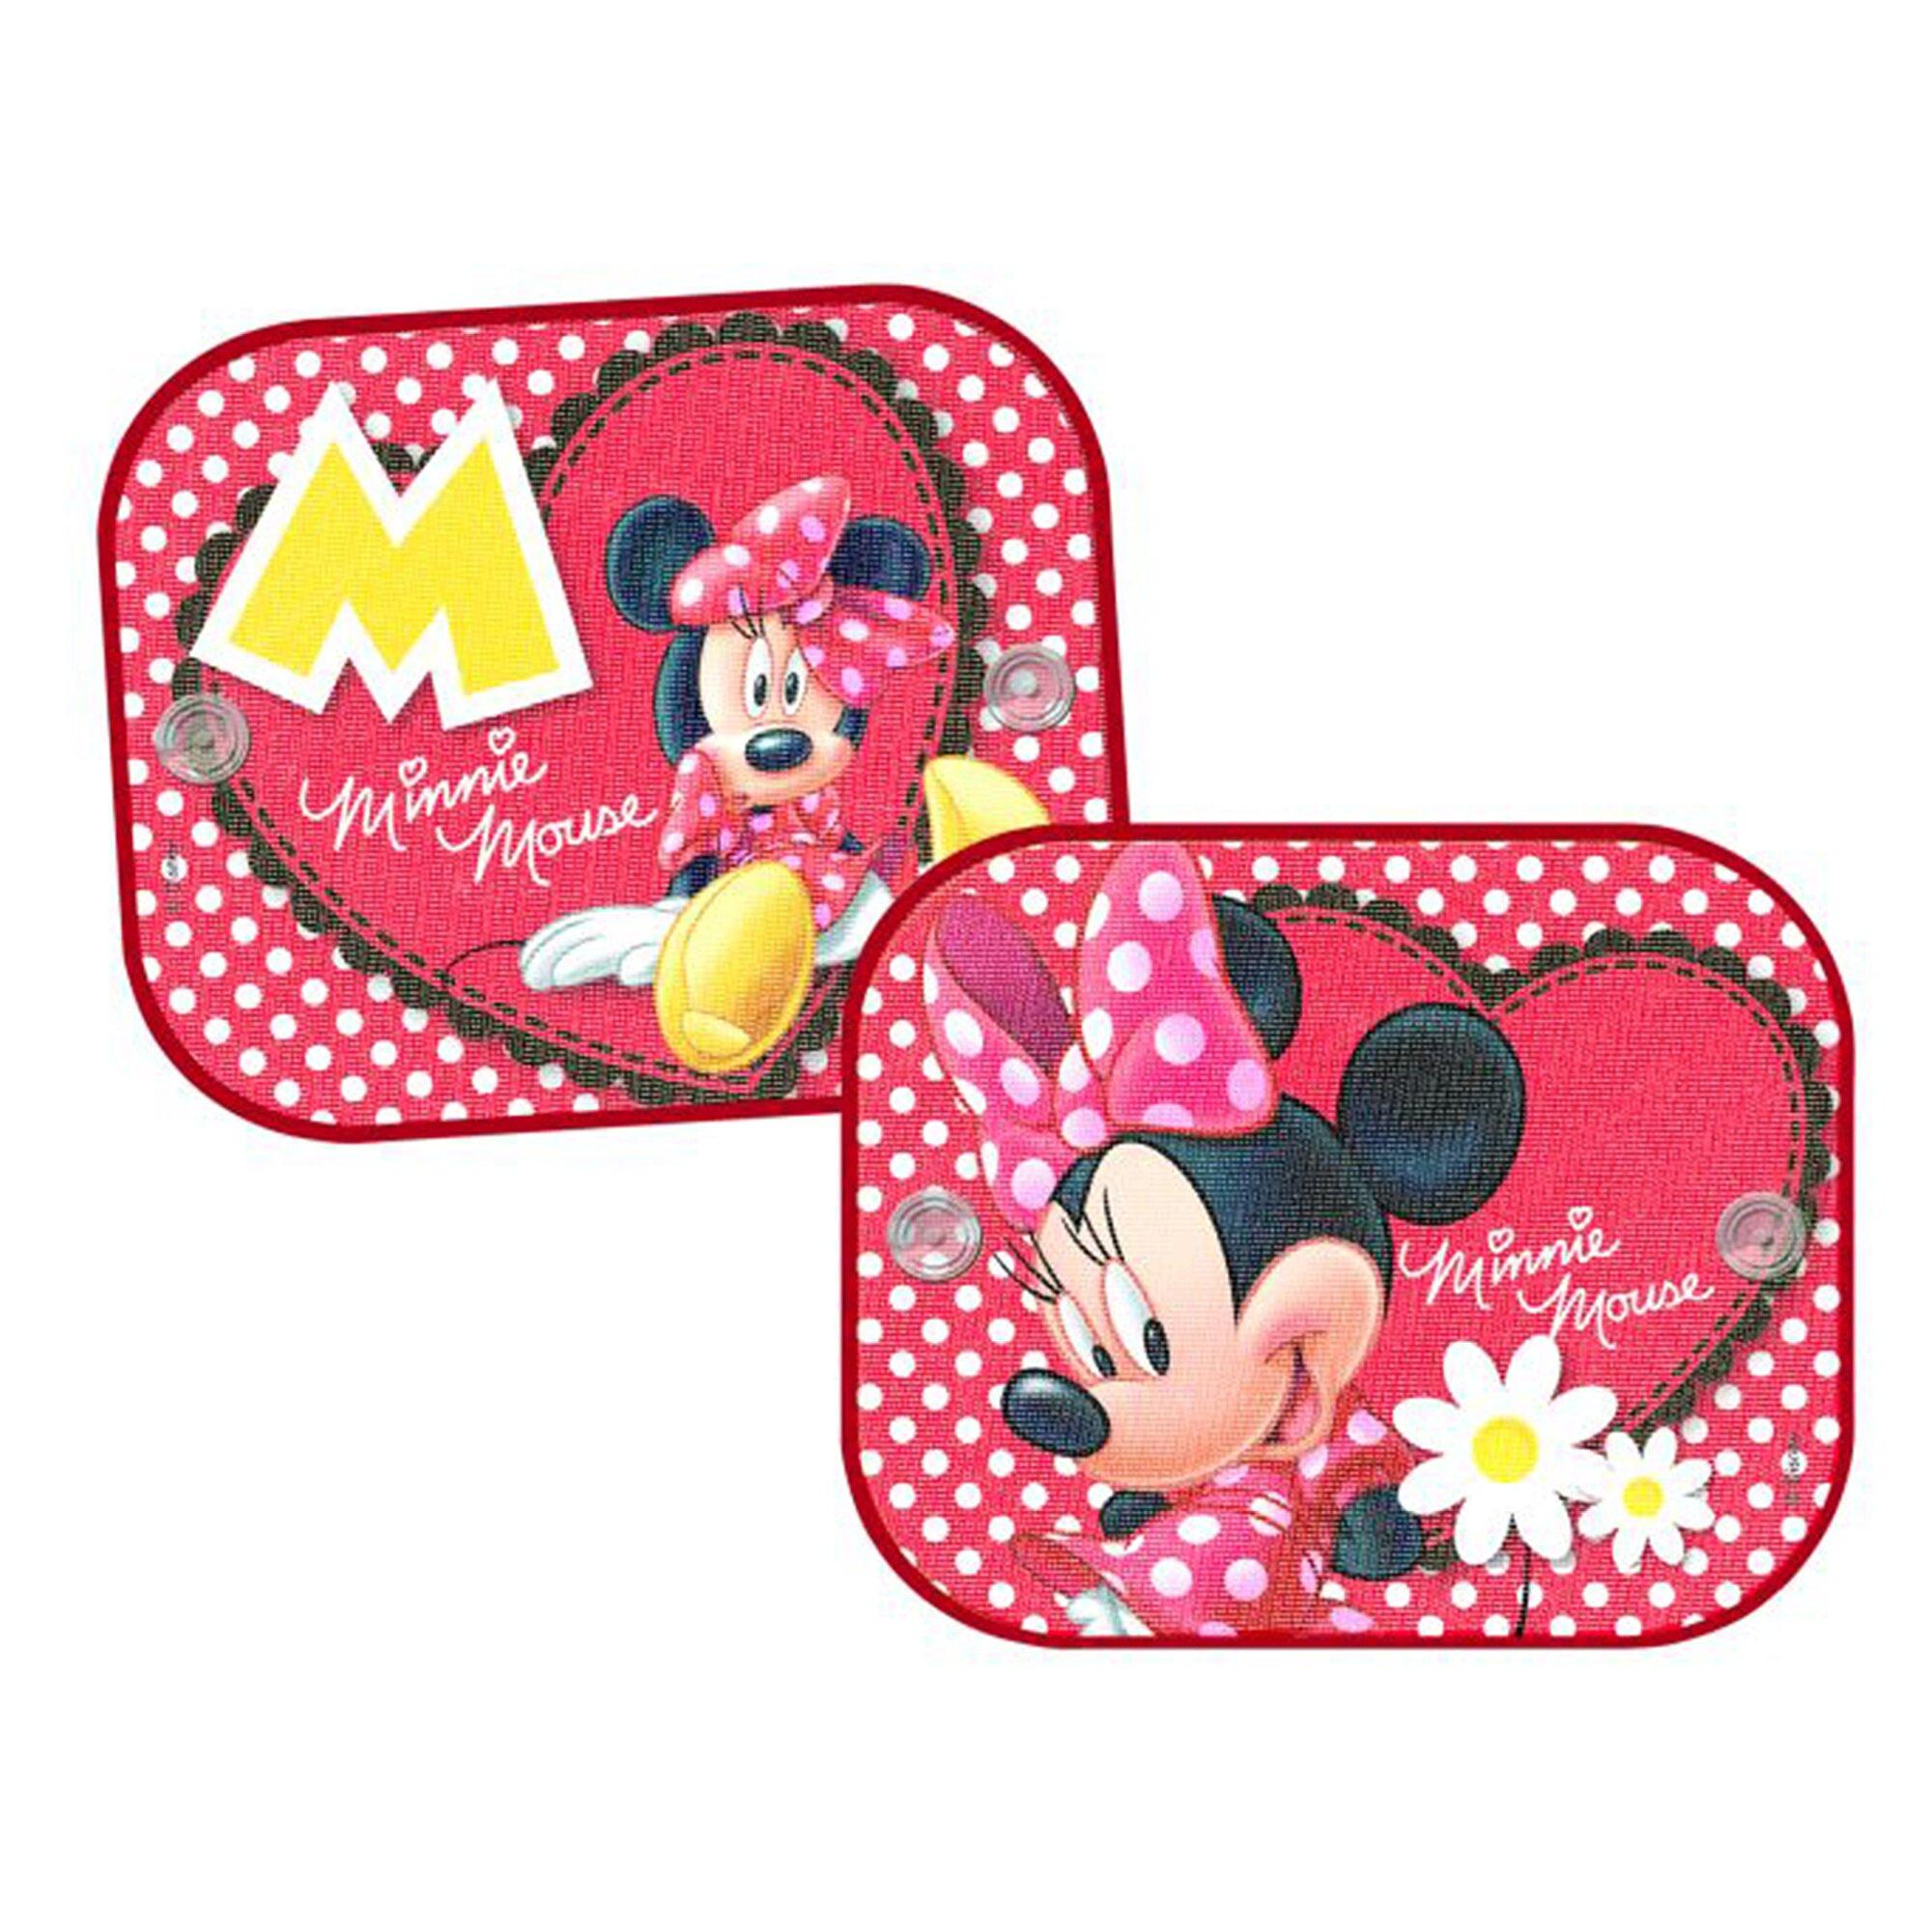 Minnie Mouse Auto-Sonnenschutz mehrfarbig